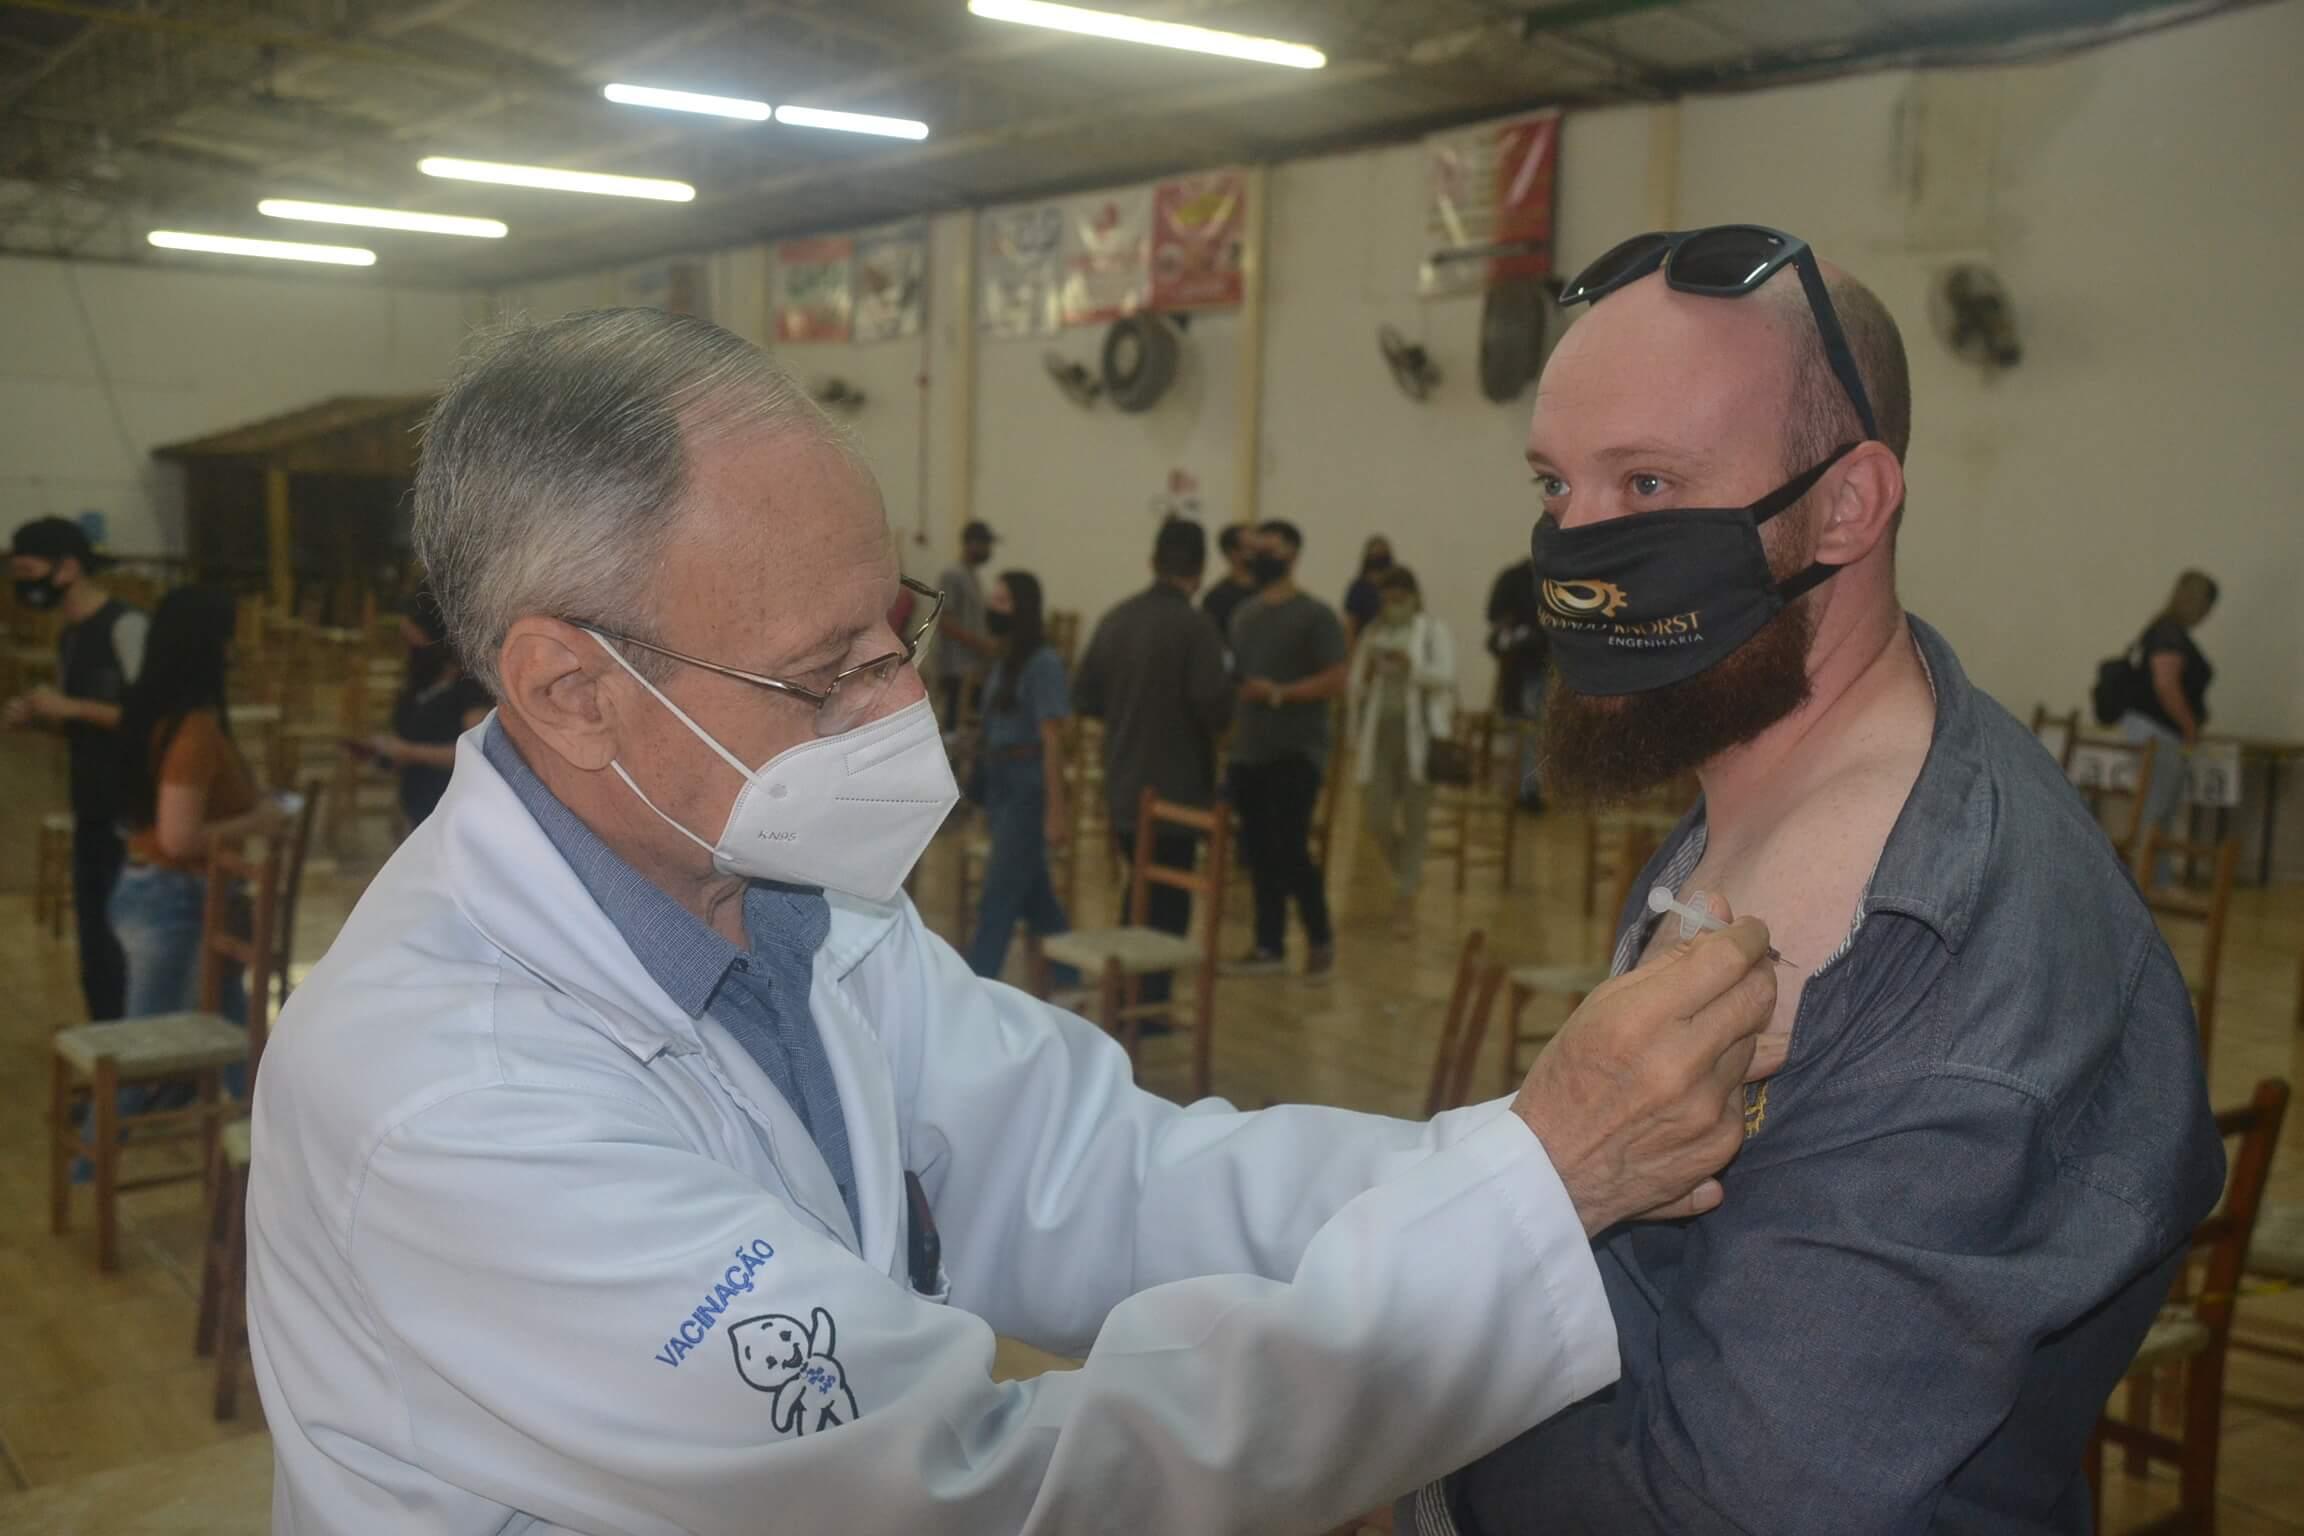 971 pessoas receberam a dose 3 da vacina antiCovid nesta sexta-feira em Santo Ângelo